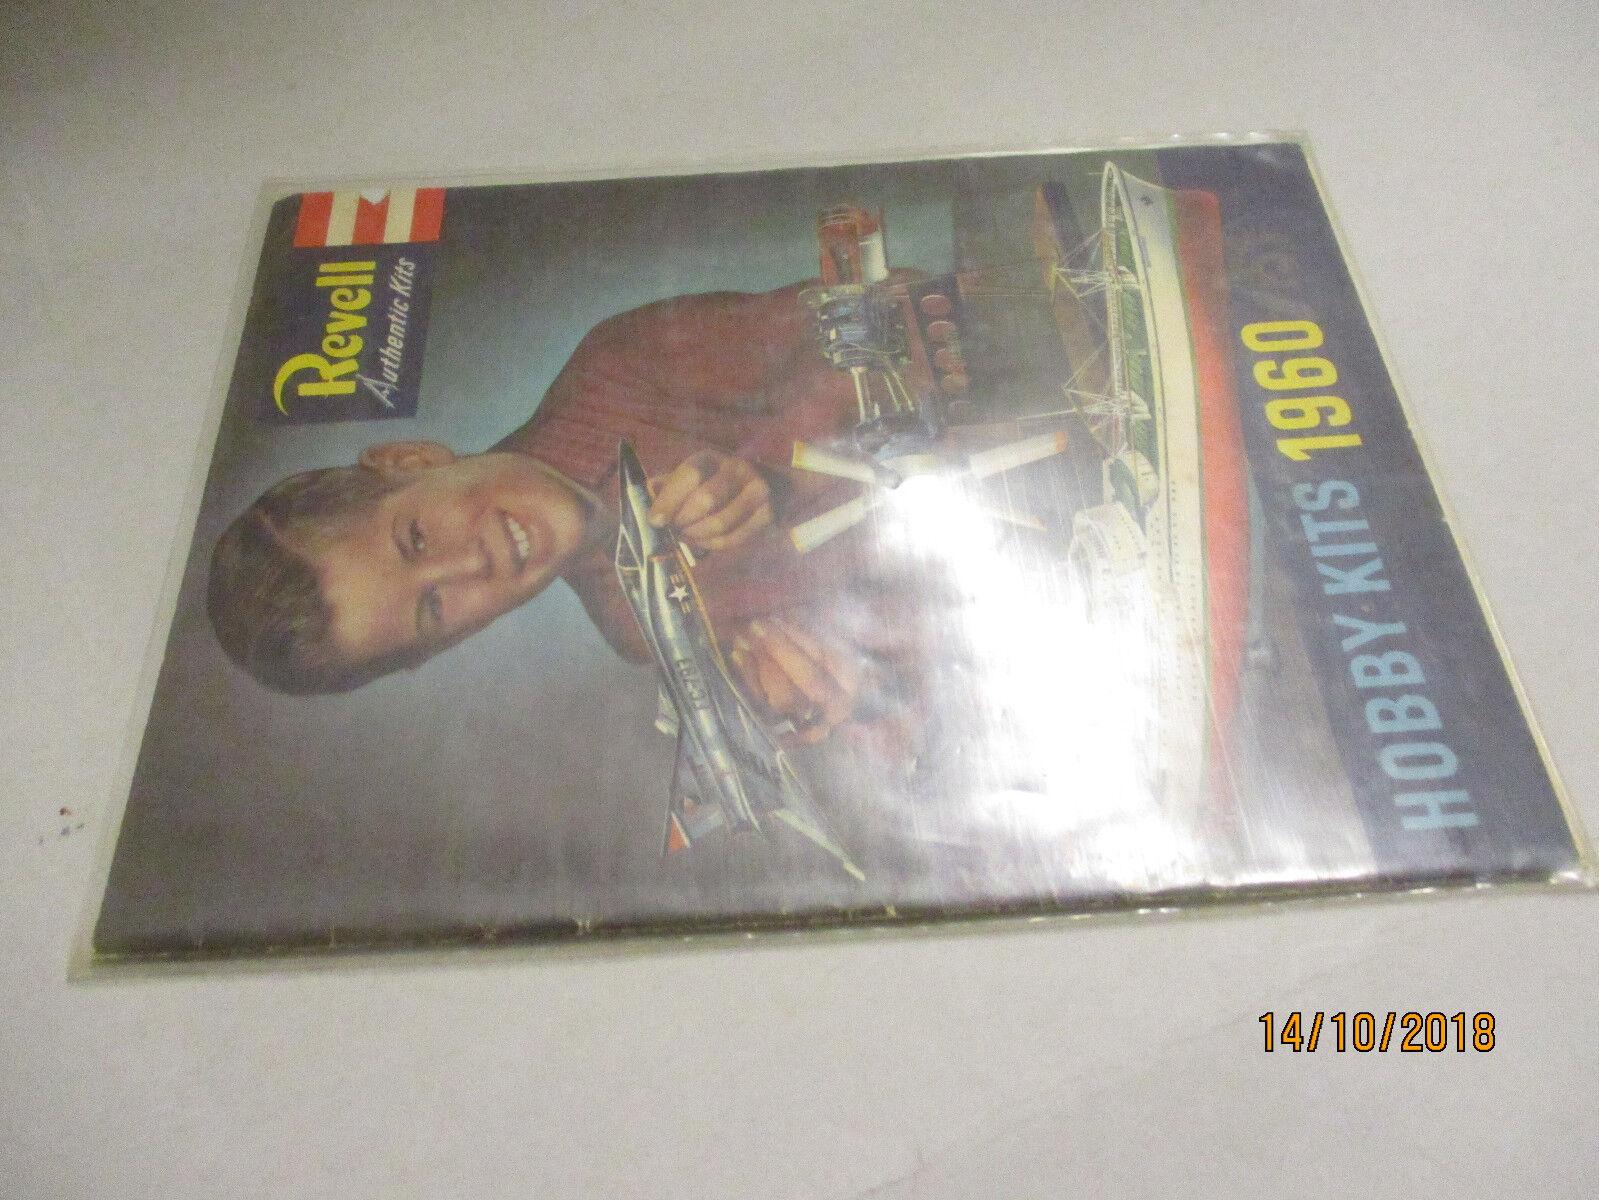 REVELL MODELLO KIT: catalogo 1960/61 USA con listino prezzi 1/1961